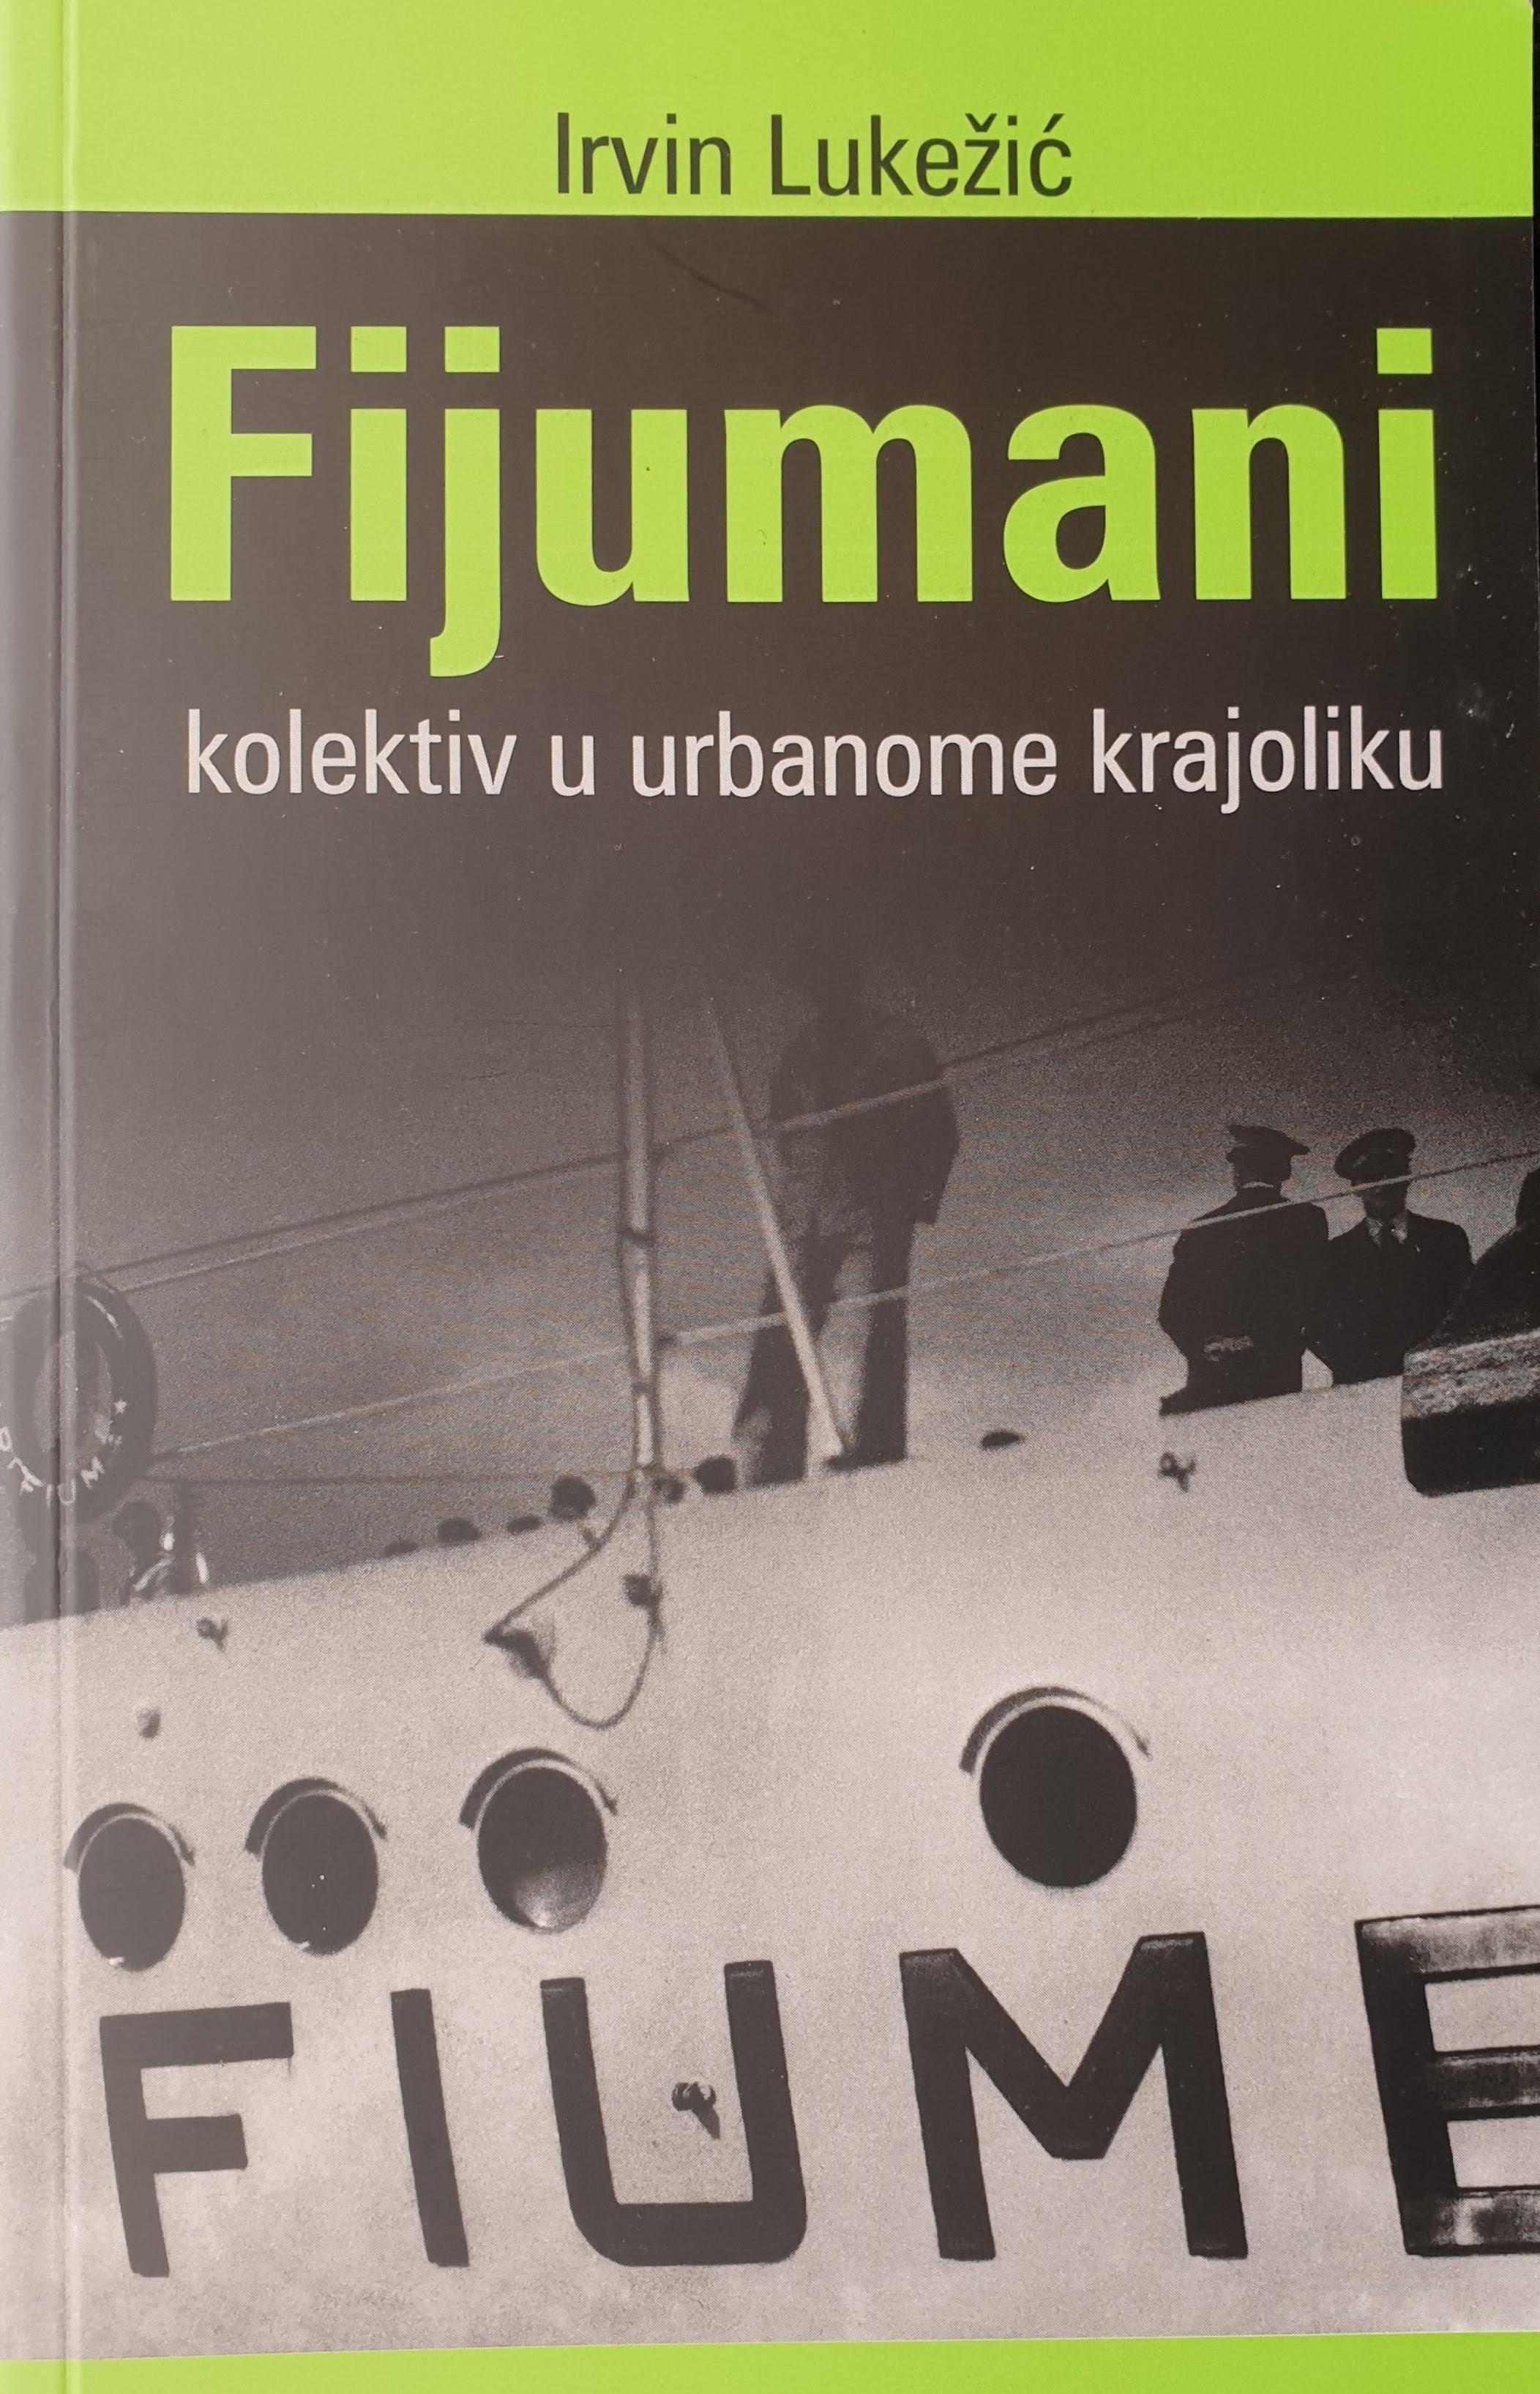 Irvin Lukežić: FIJUMANI - kolektiv u urbanome krajoliku